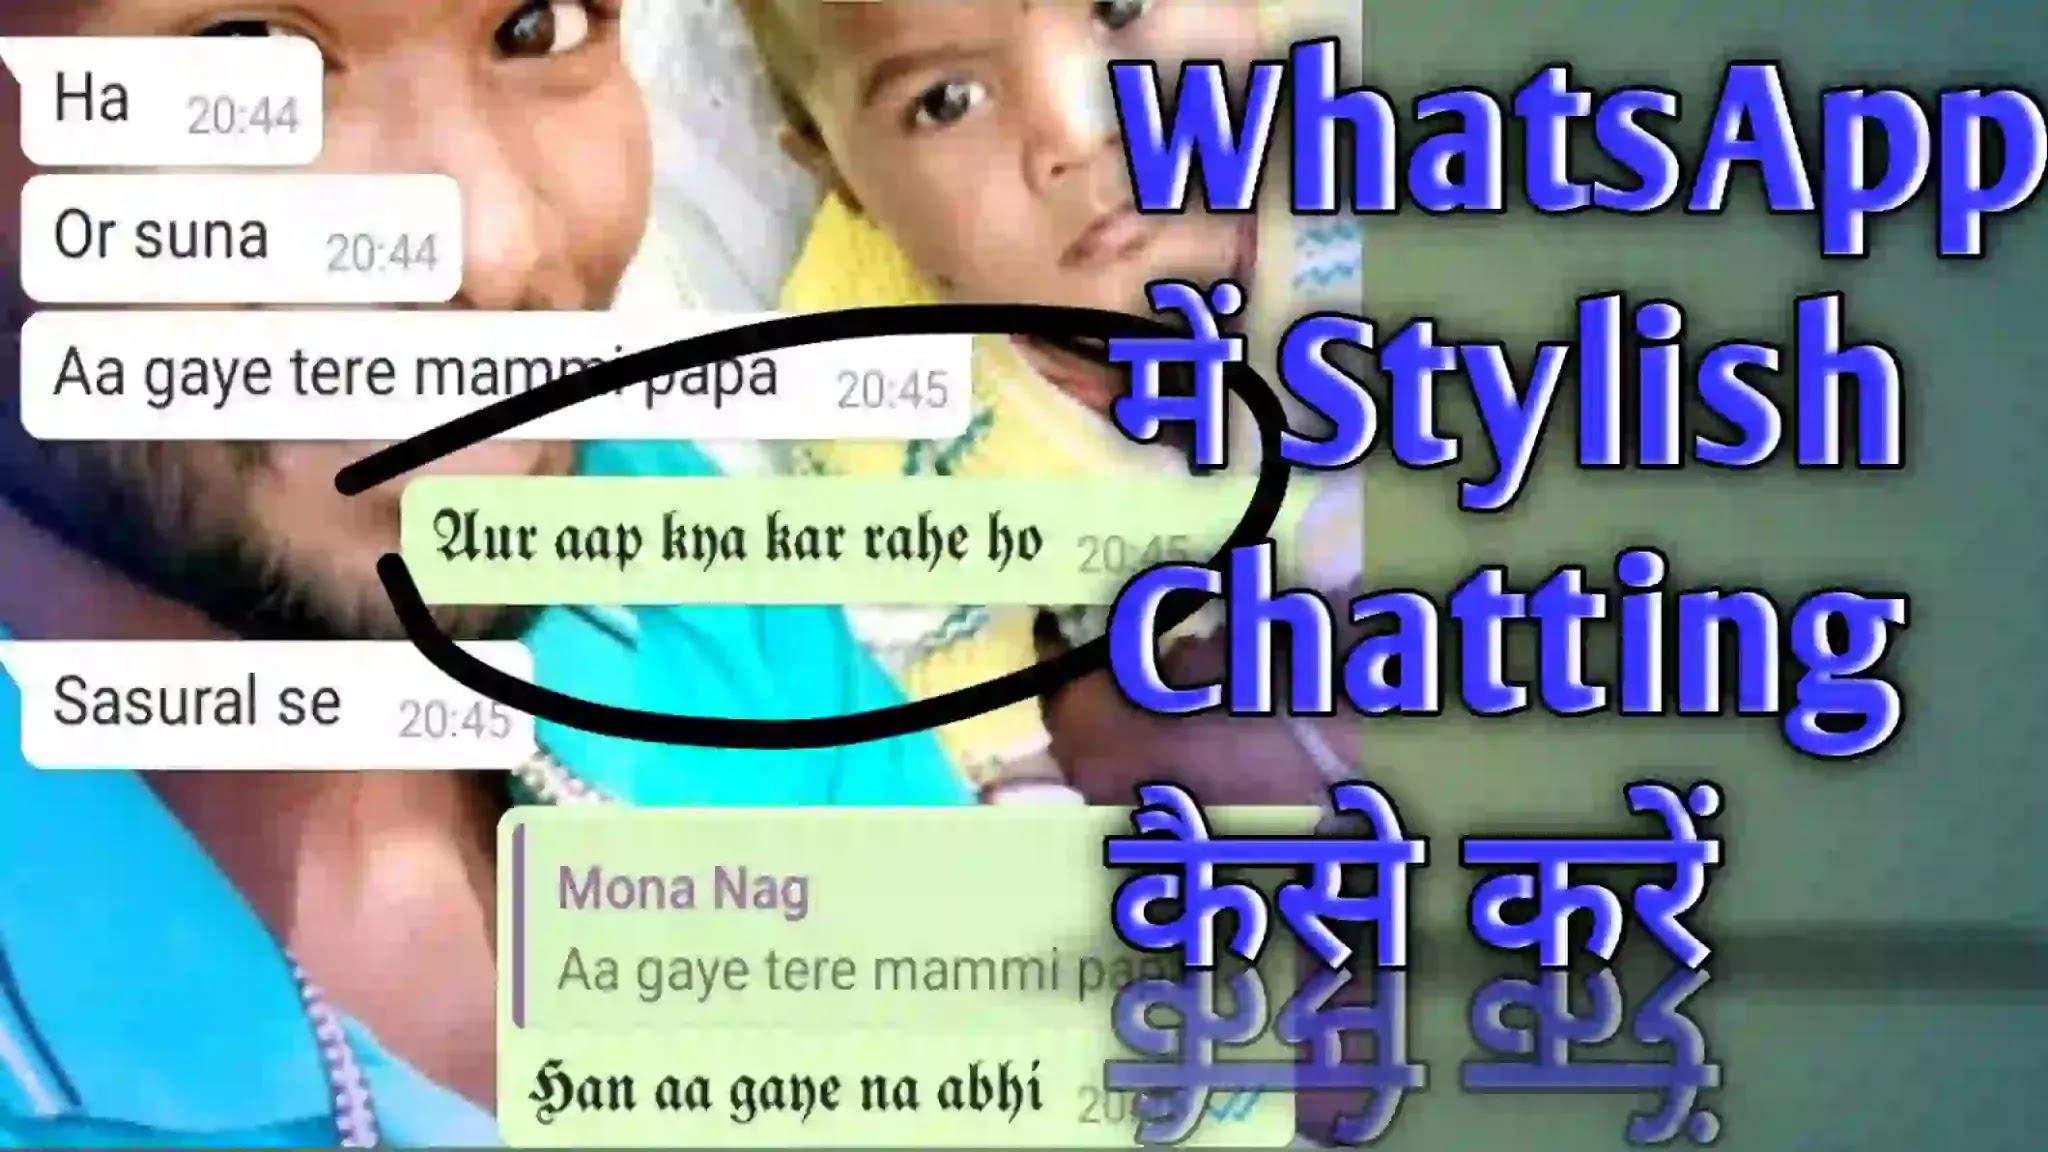 Whatsapp Stylish Chatting